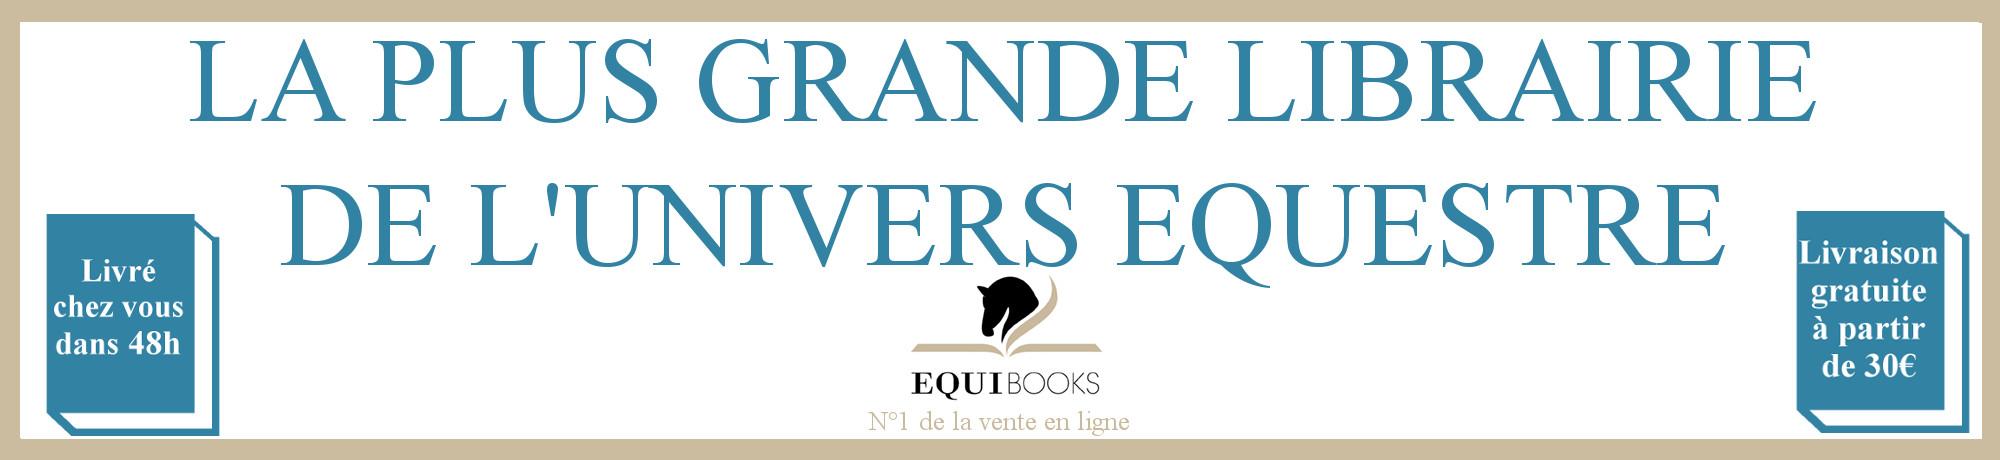 Equibooks : La plus grande librairie de l'univers équestre